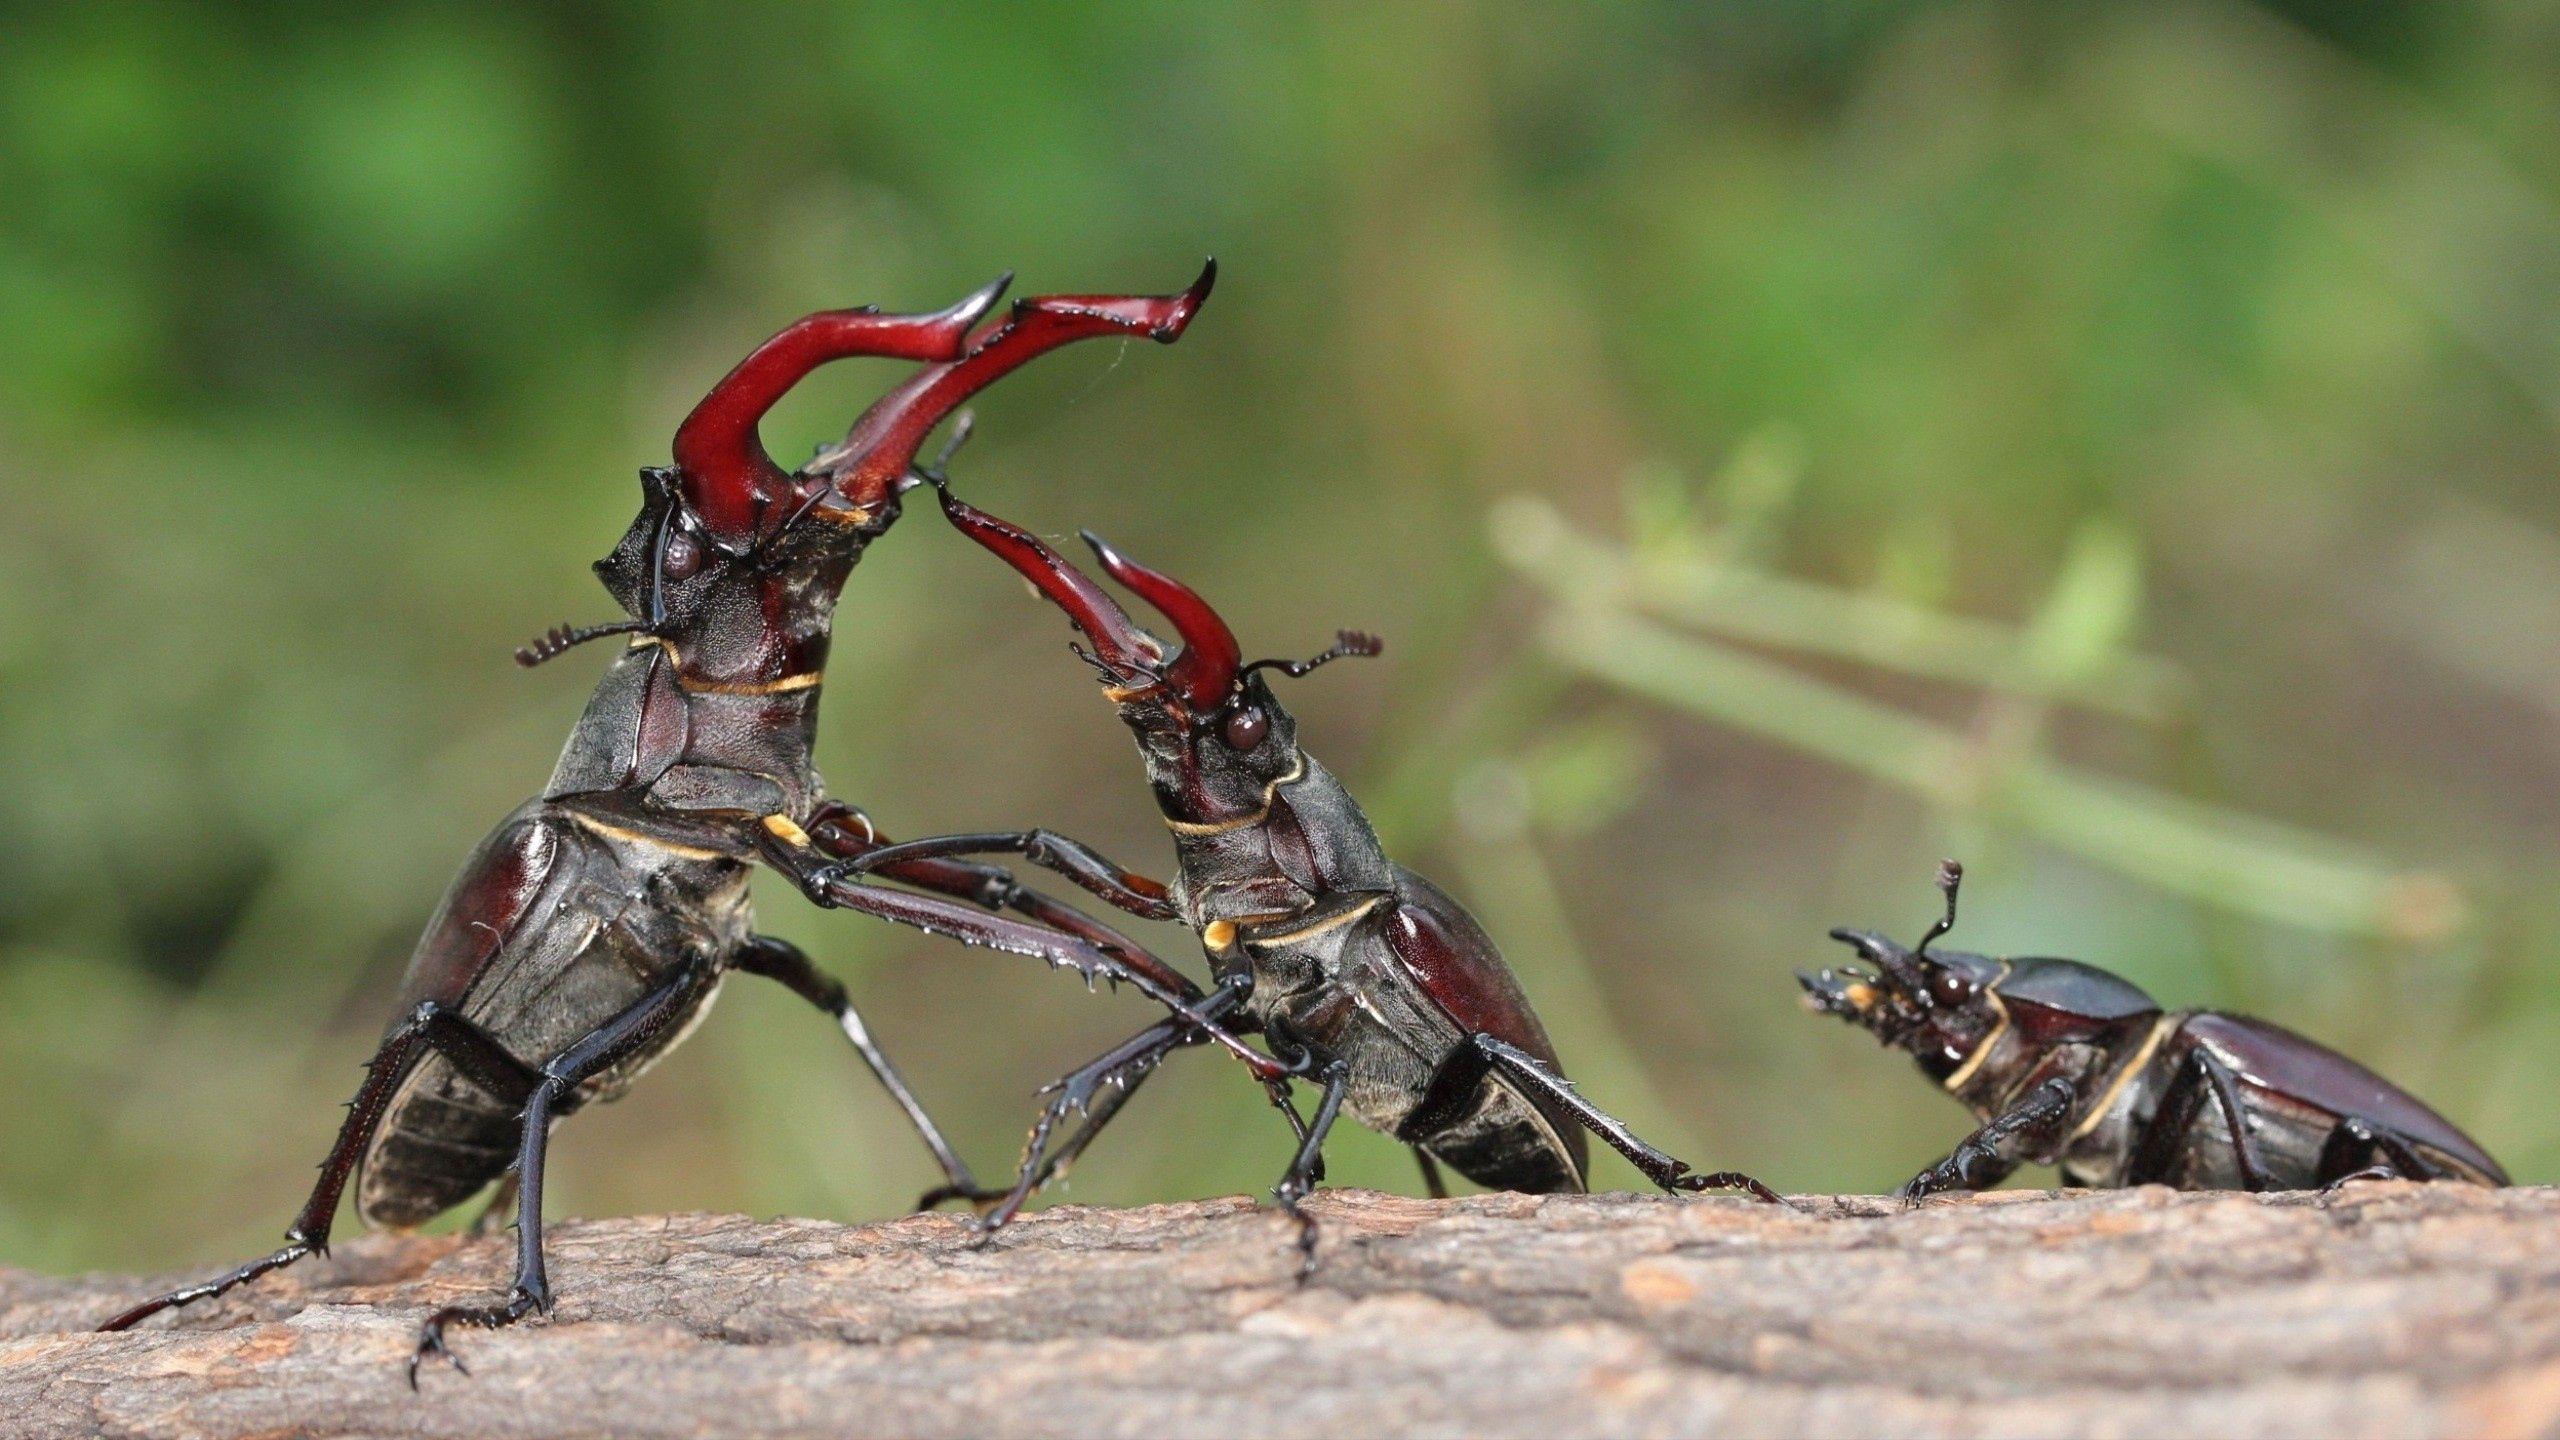 89509 Salvapantallas y fondos de pantalla Insectos en tu teléfono. Descarga imágenes de Macro, Insectos, Pareja, Par, Hierba, Insecto gratis